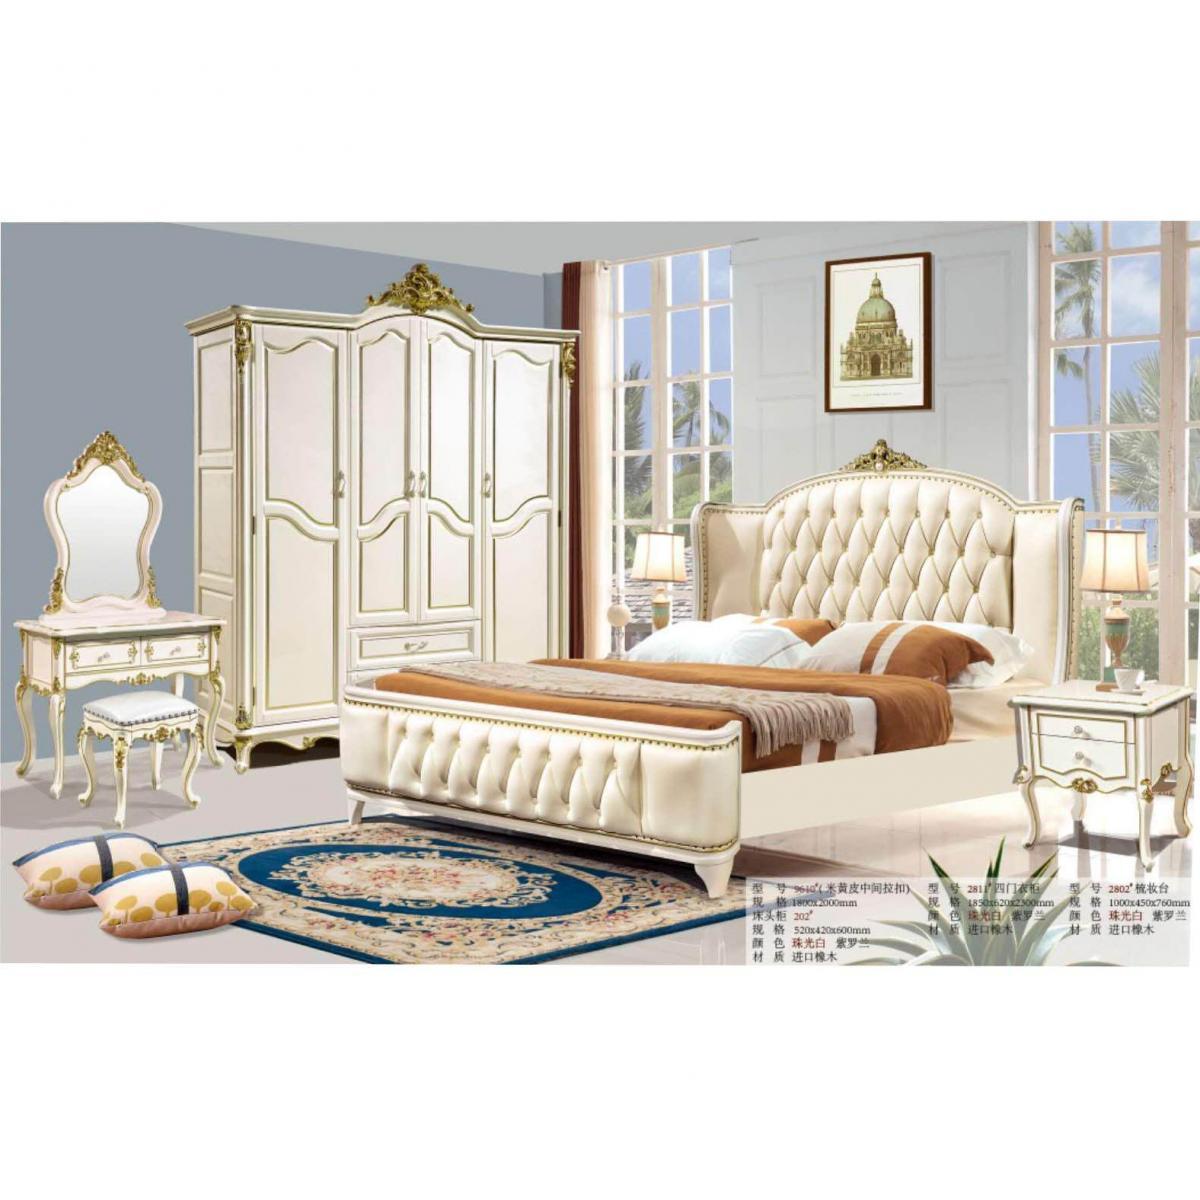 欧式全实木真皮床法式奢华卧室双人床小户型实木雕花公主婚床